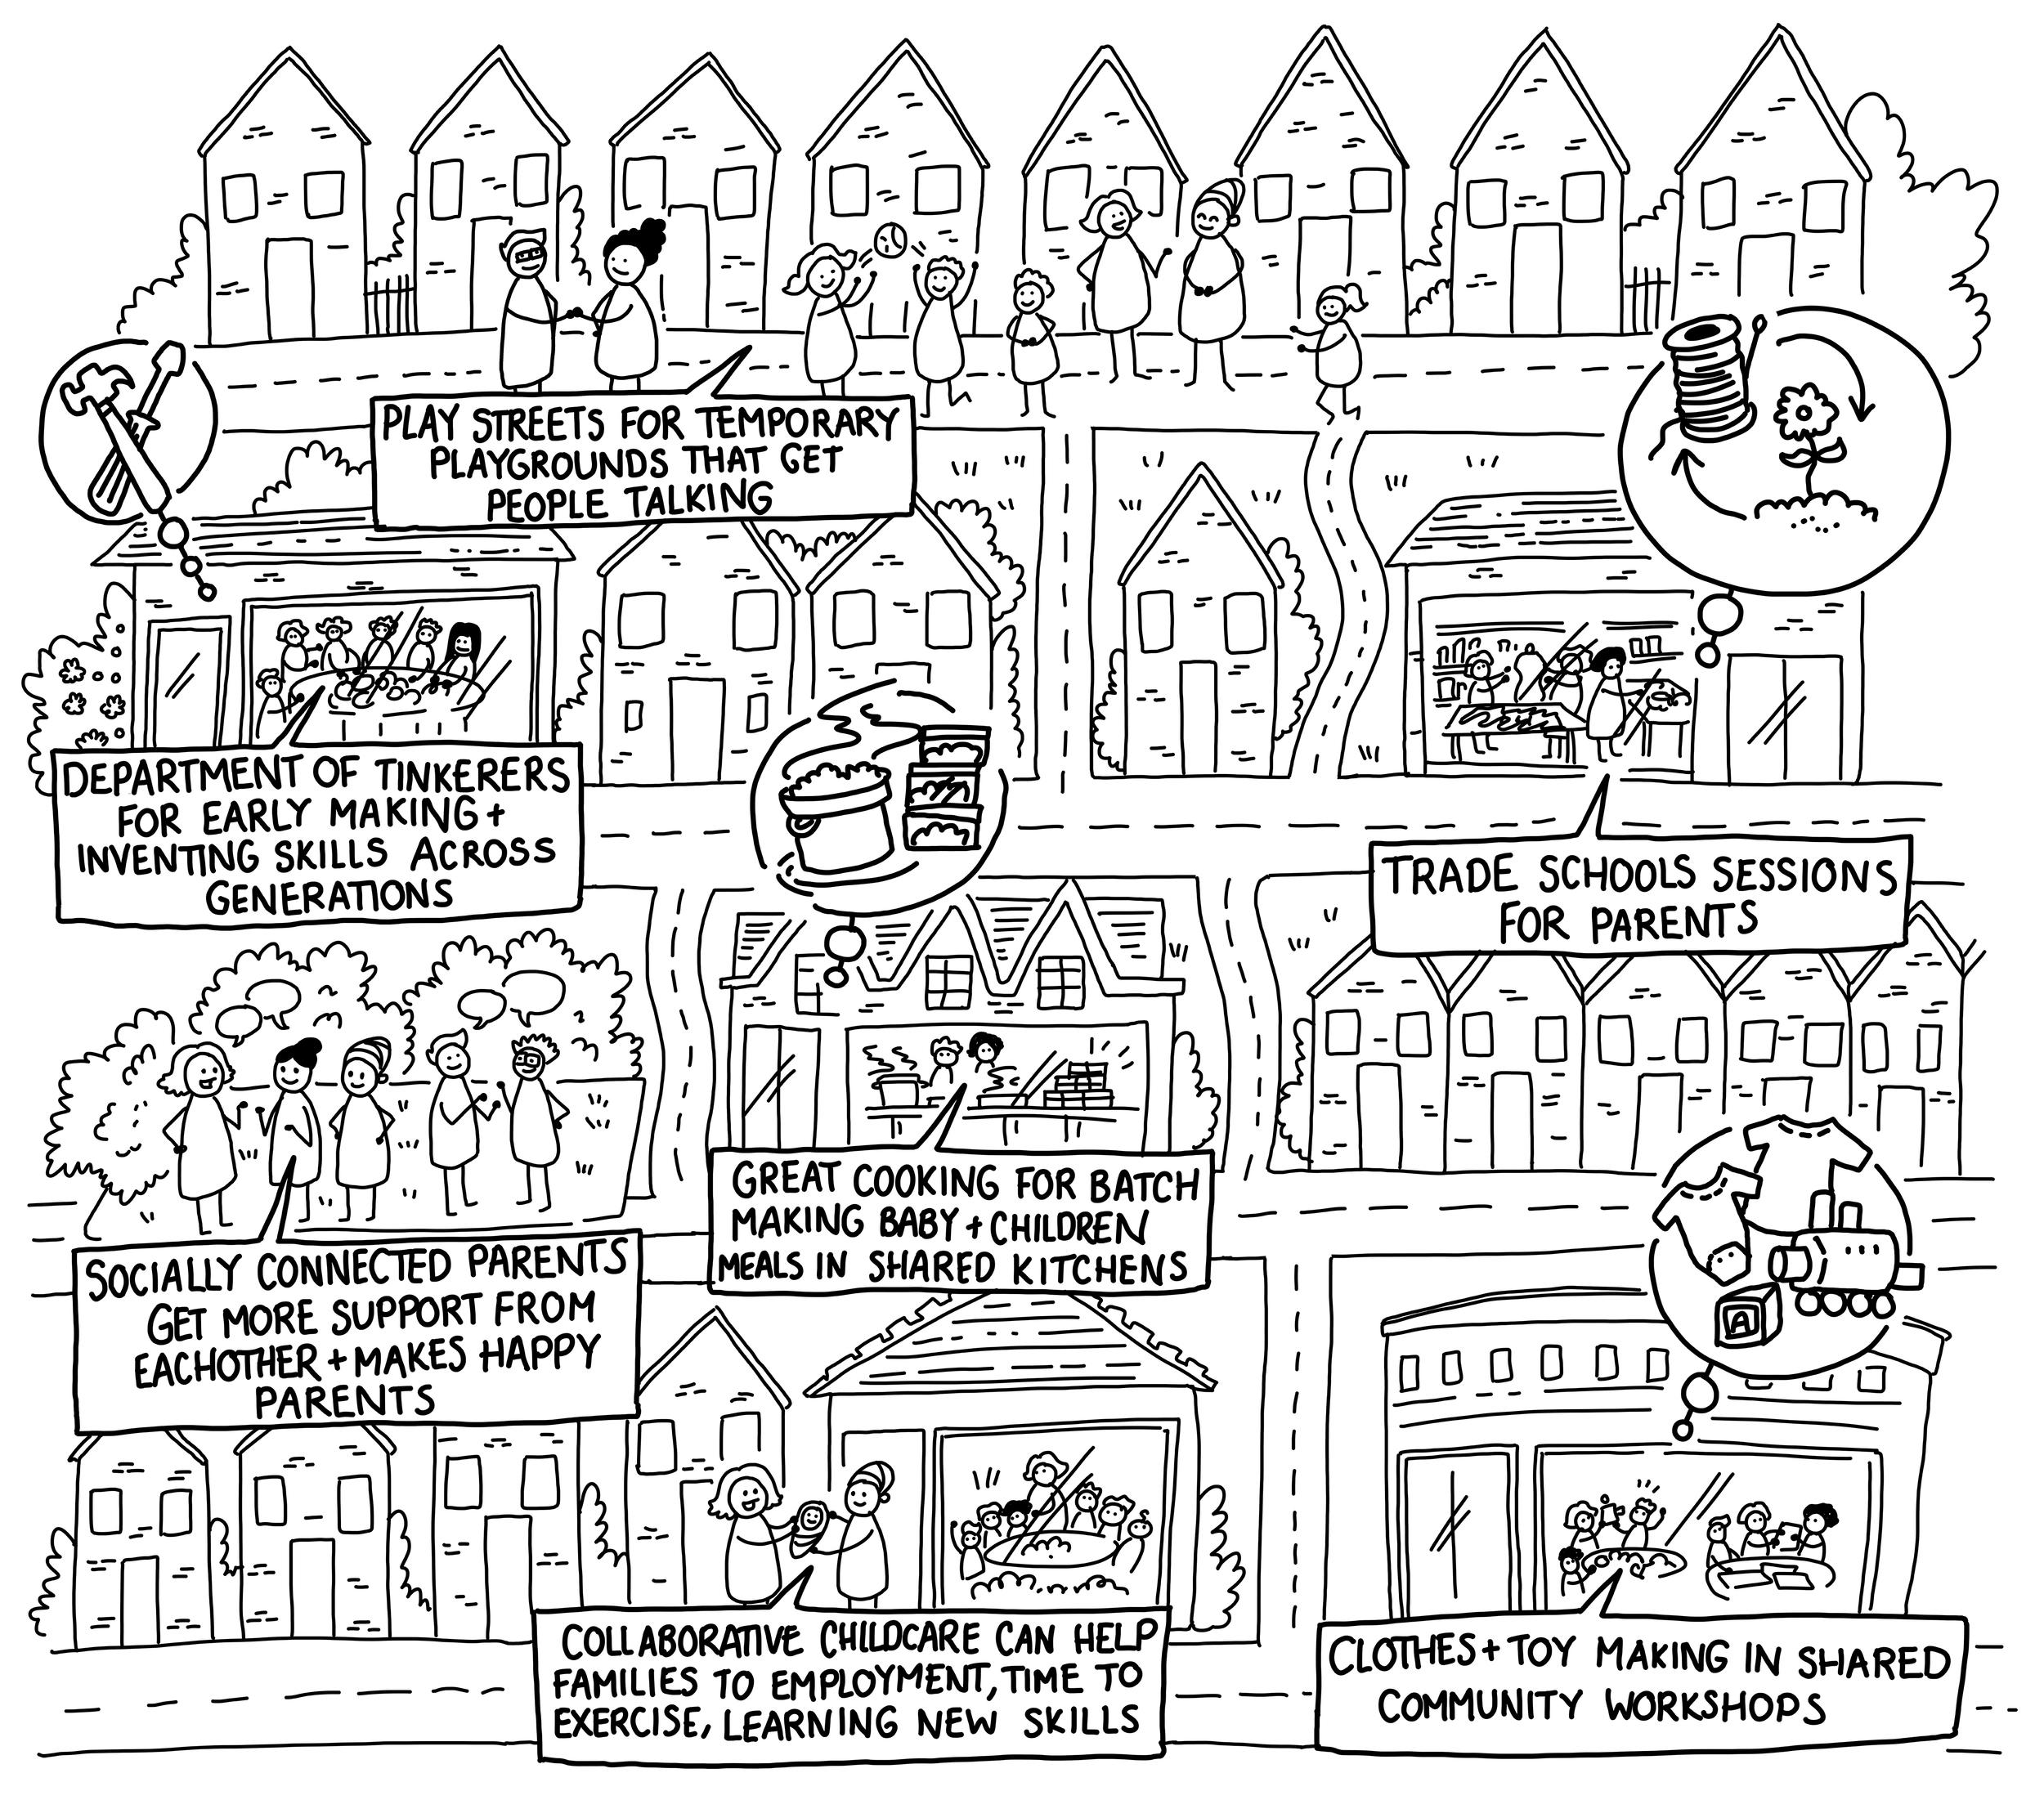 ParticipatoryCity_Townscape_Children+Parents_v2.jpg